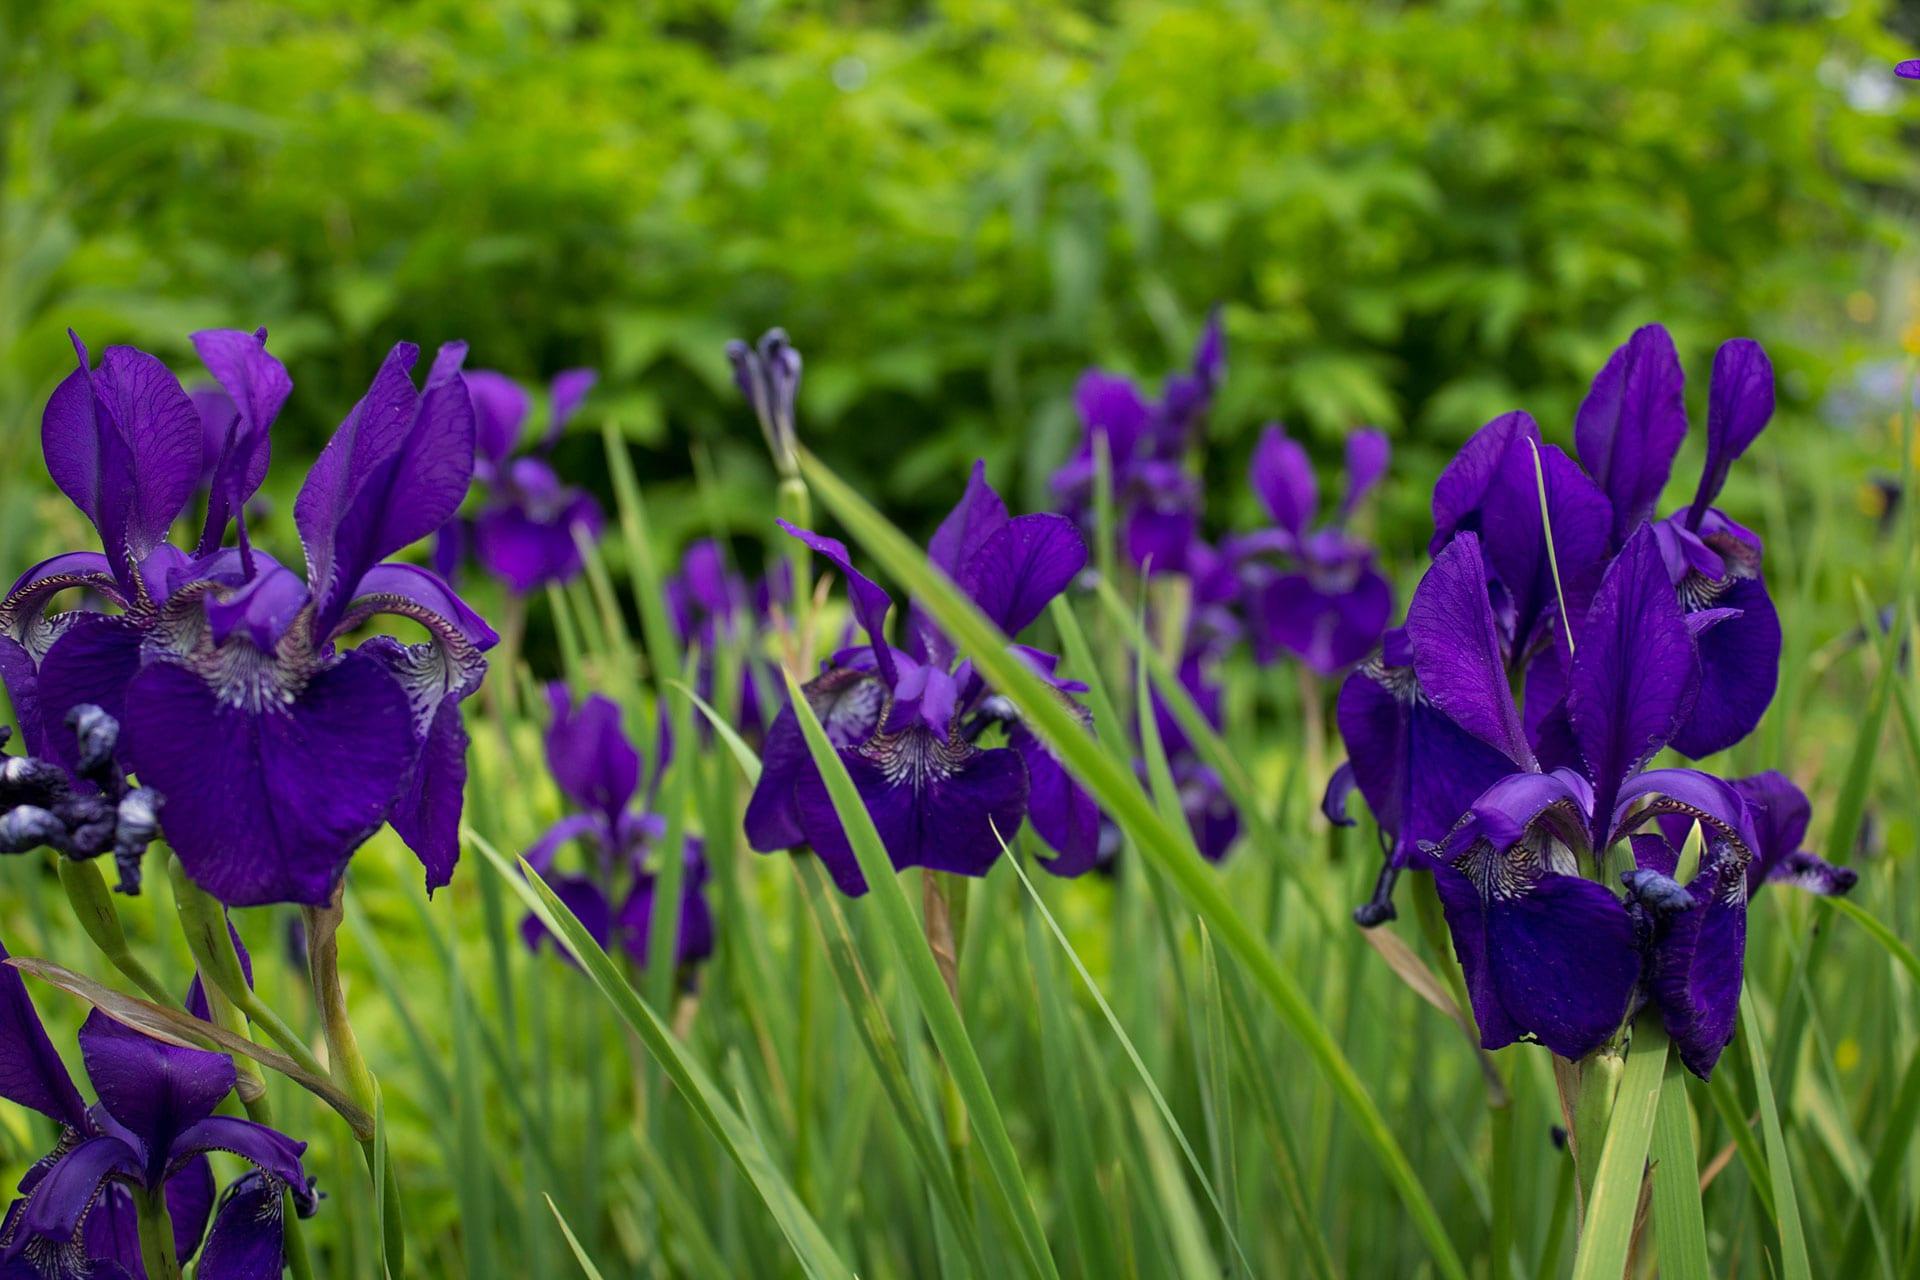 Lirios lilas en un jardín